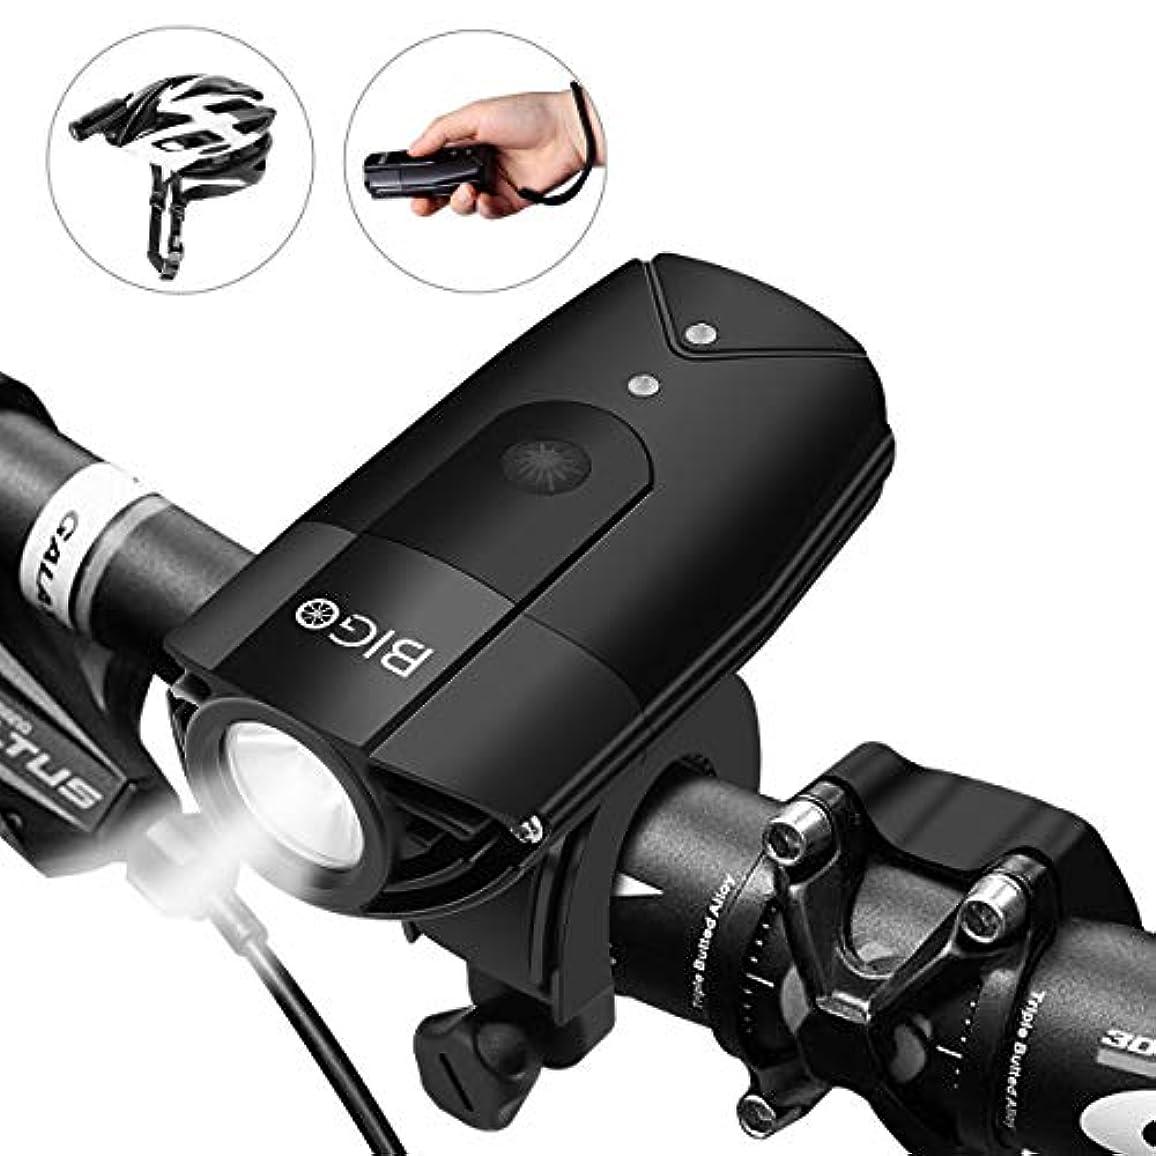 香り接触同化するBIGO 純正 自転車ライト フロントライト 非常時懐中電灯 ヘットライト USB充電 IP65 防水 大容量2000mah 前照灯